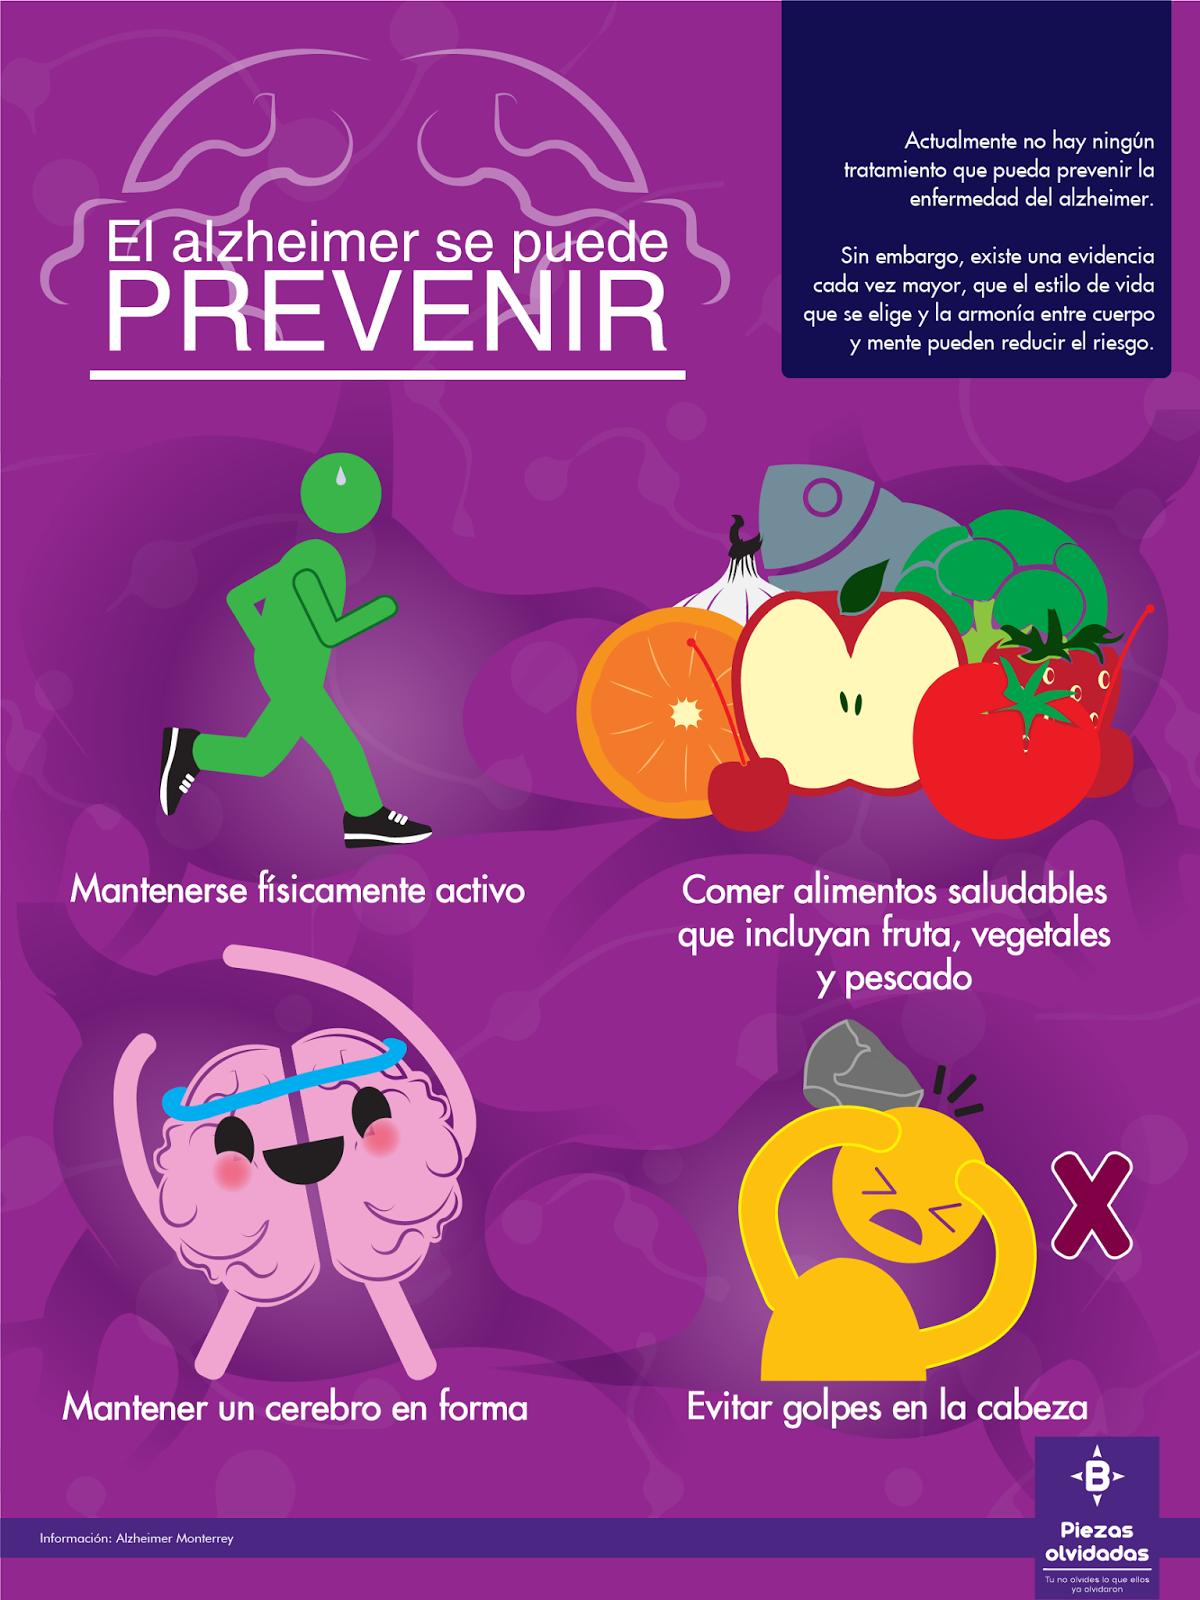 Que no te de alzheimer – #Infografia #Alzheimer #Demencias